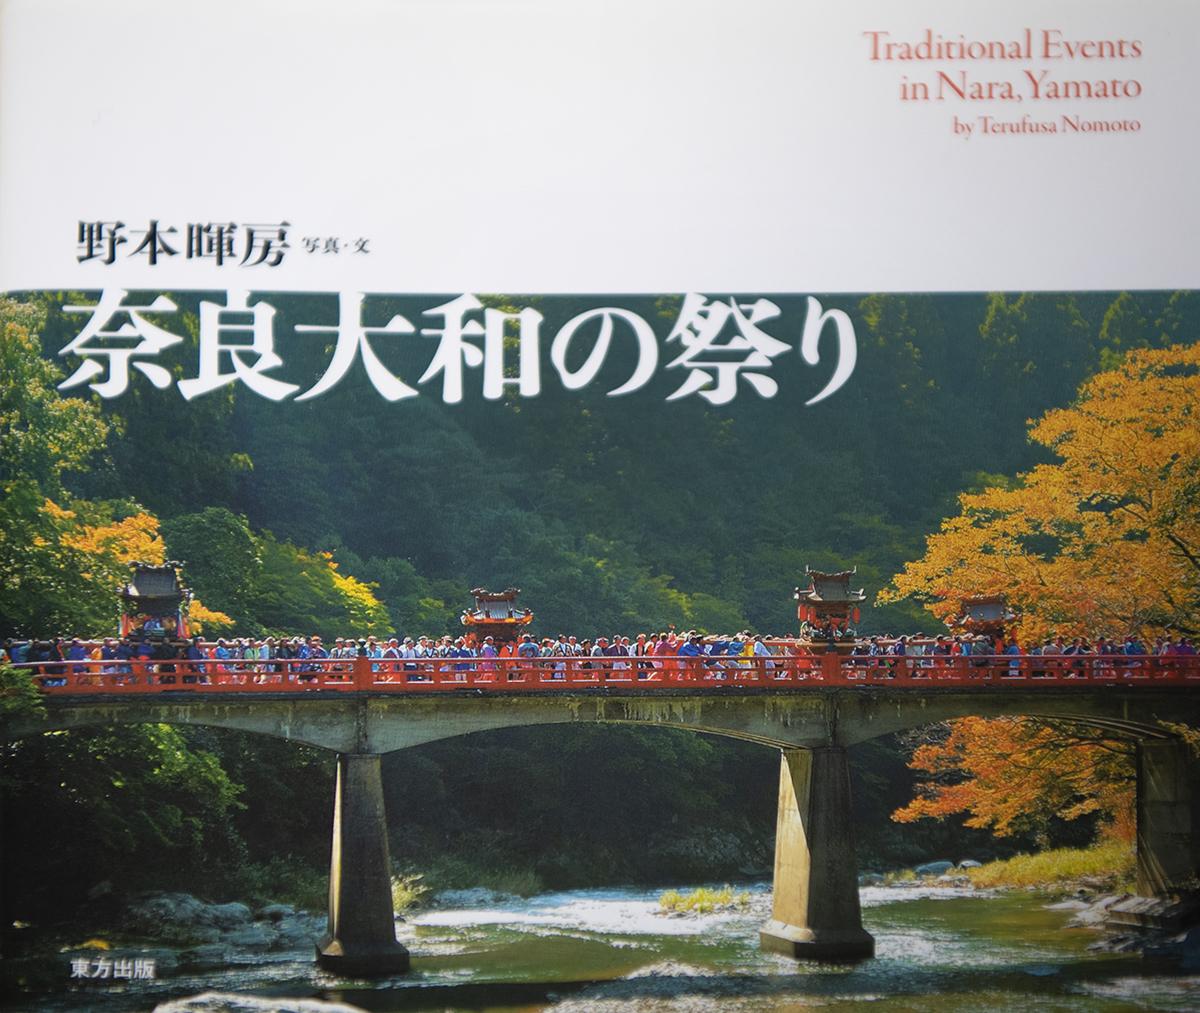 『奈良大和の祭り』(2009年東宝出版)